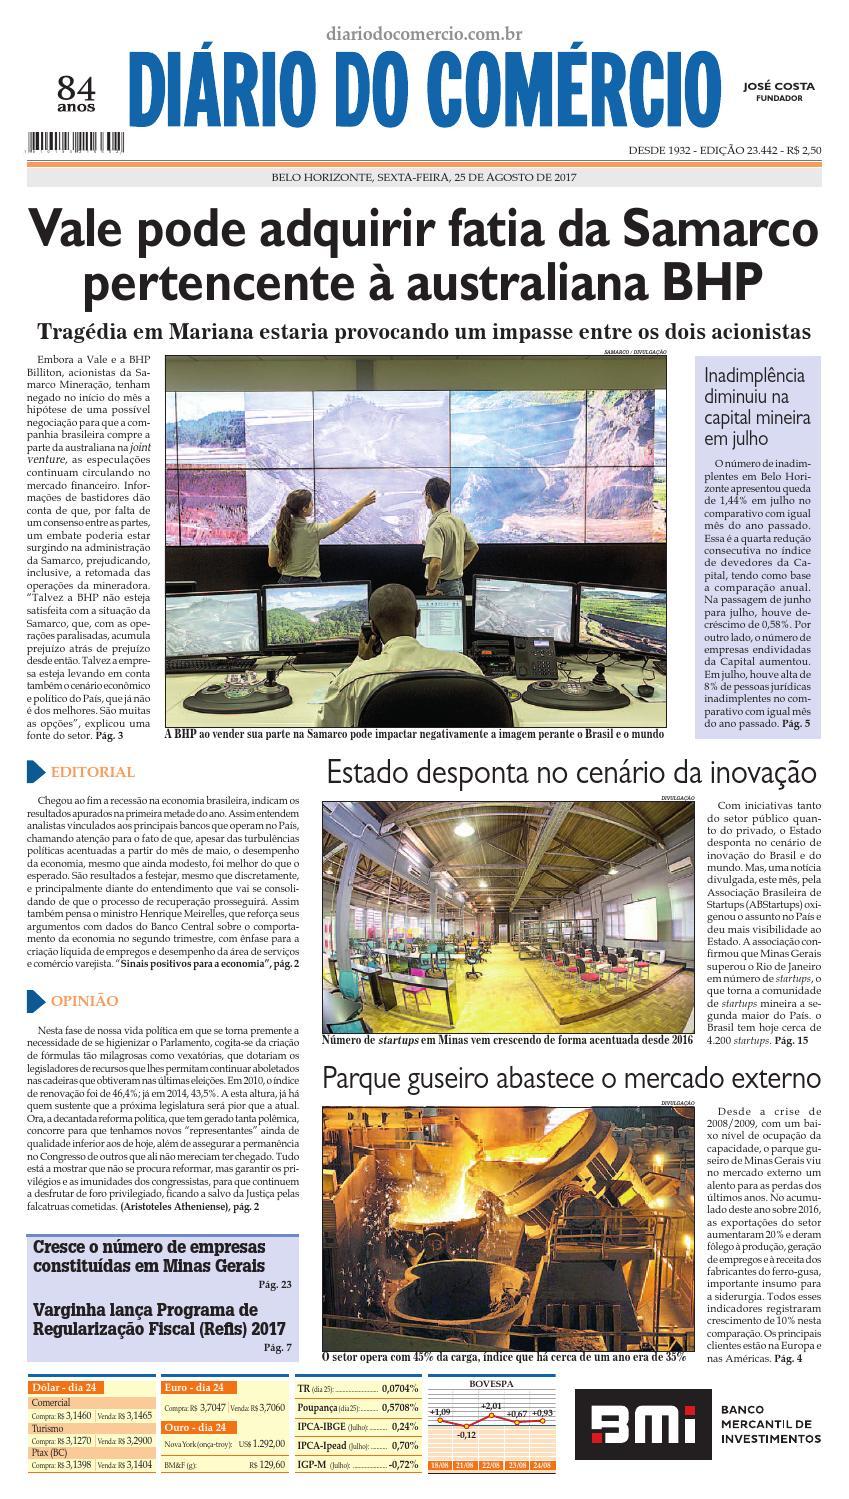 4dbded4118 23442 by Diário do Comércio - Belo Horizonte - issuu